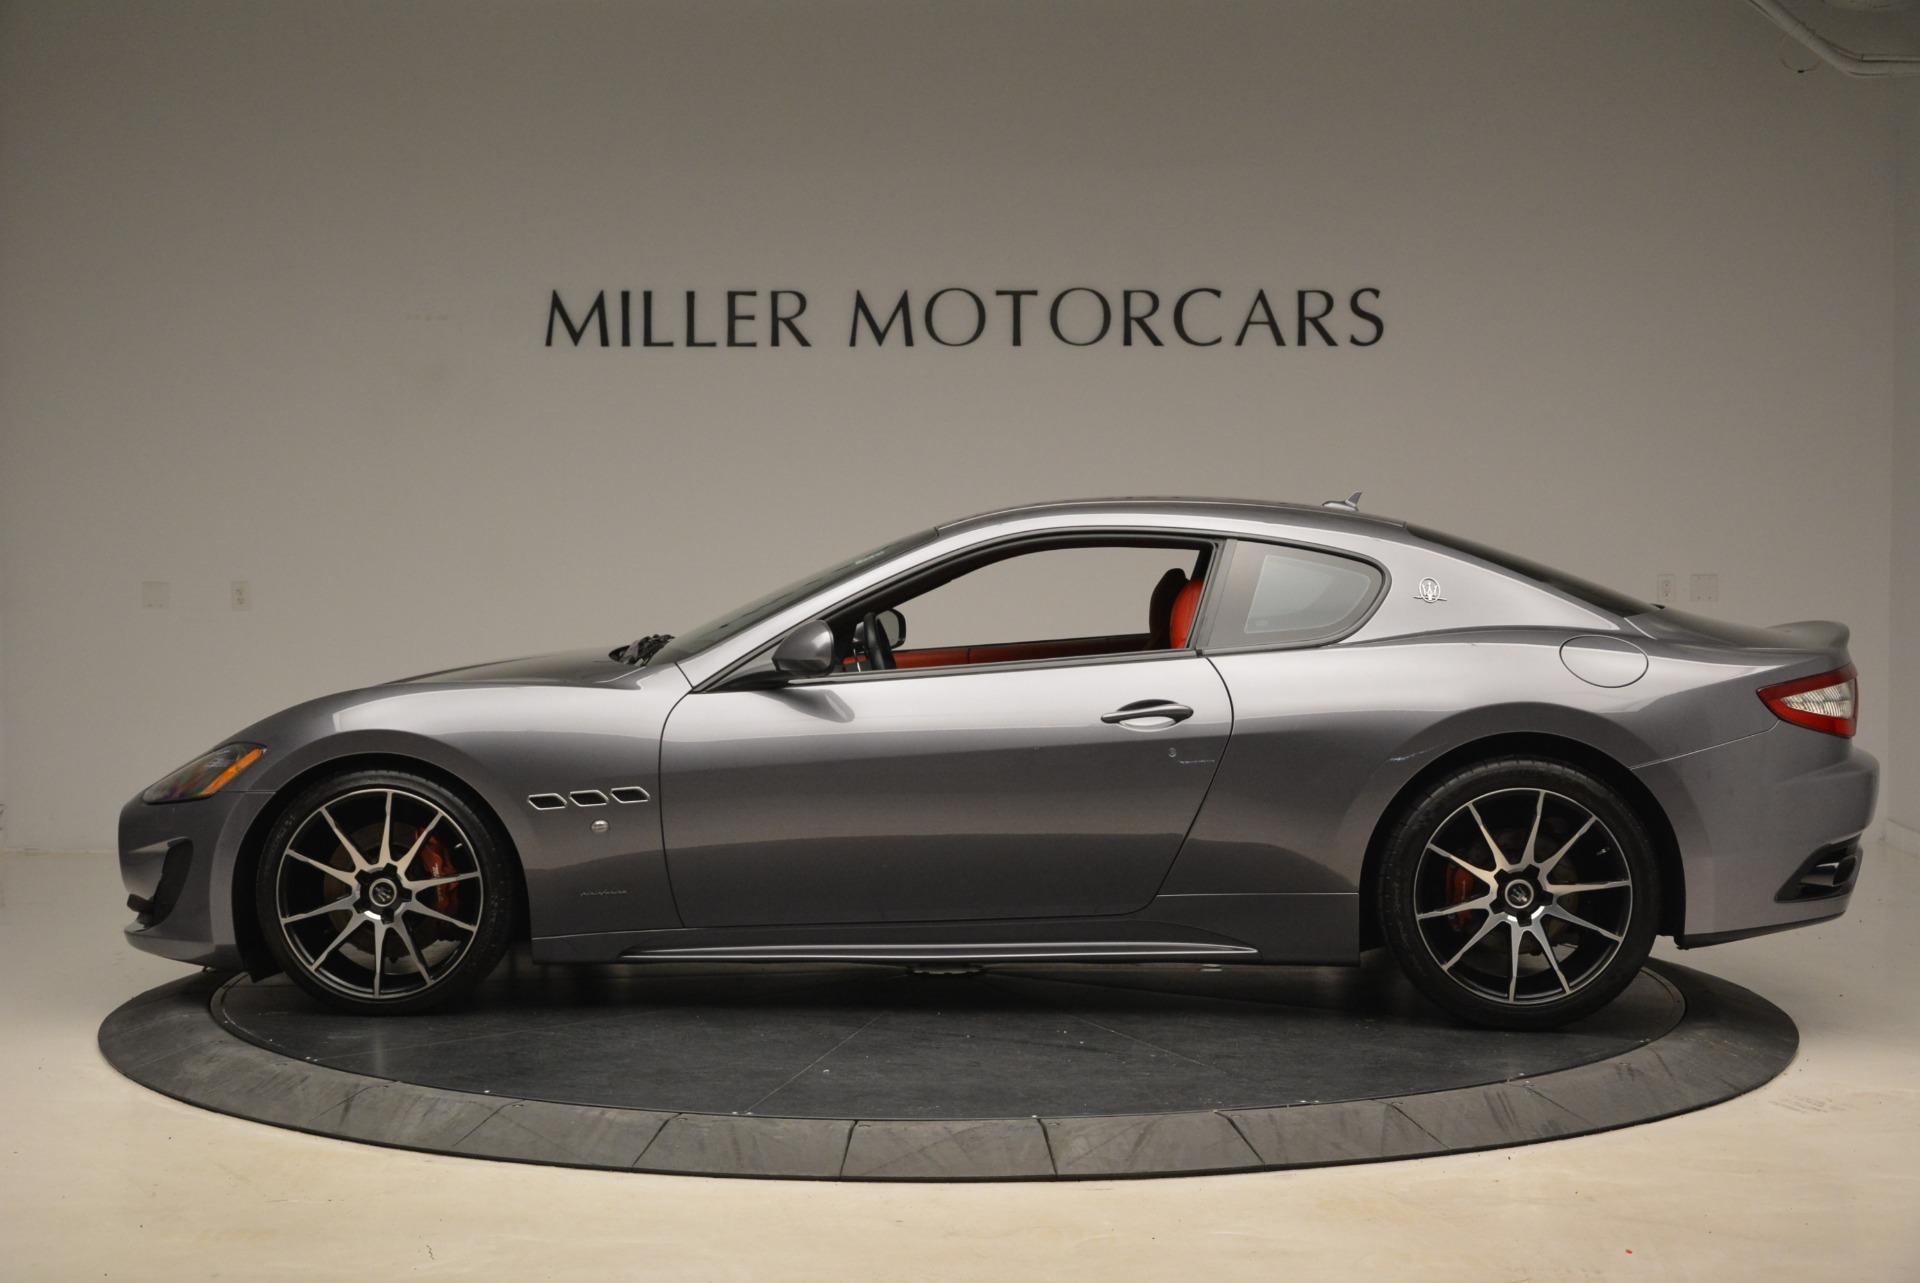 Used 2014 Maserati GranTurismo Sport For Sale In Westport, CT 2131_p2